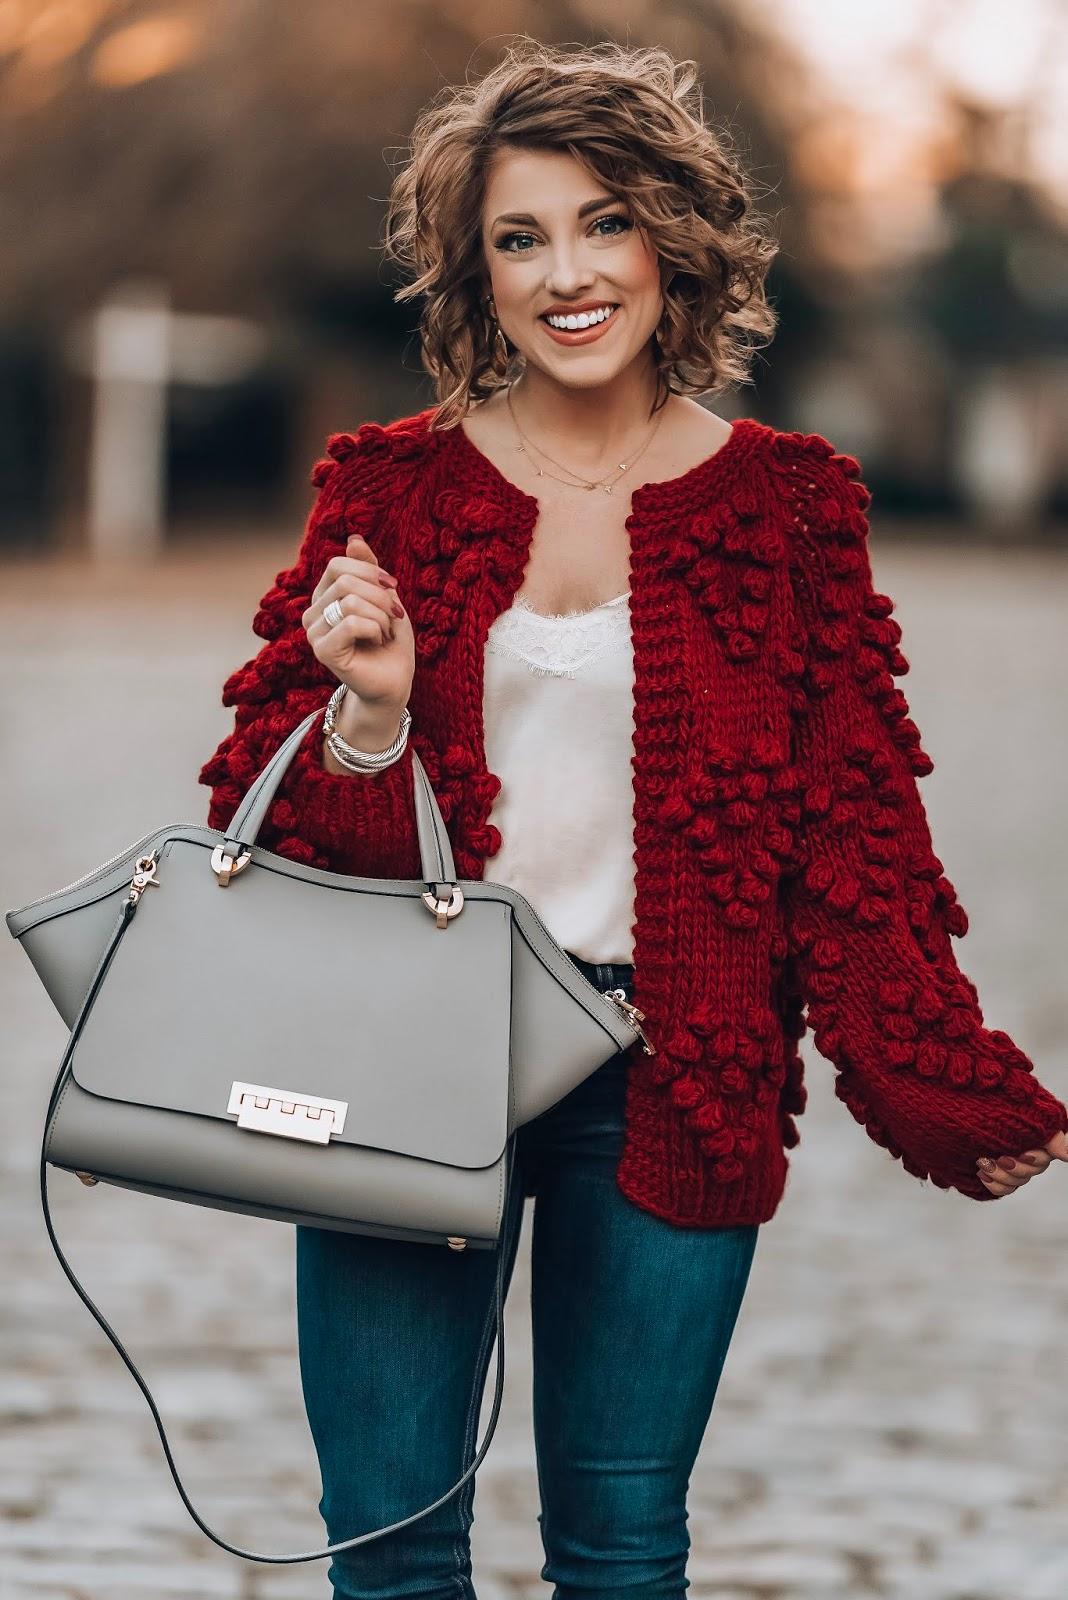 Burgundy Pom Pom Heart Cardigan - Something Delightful Blog